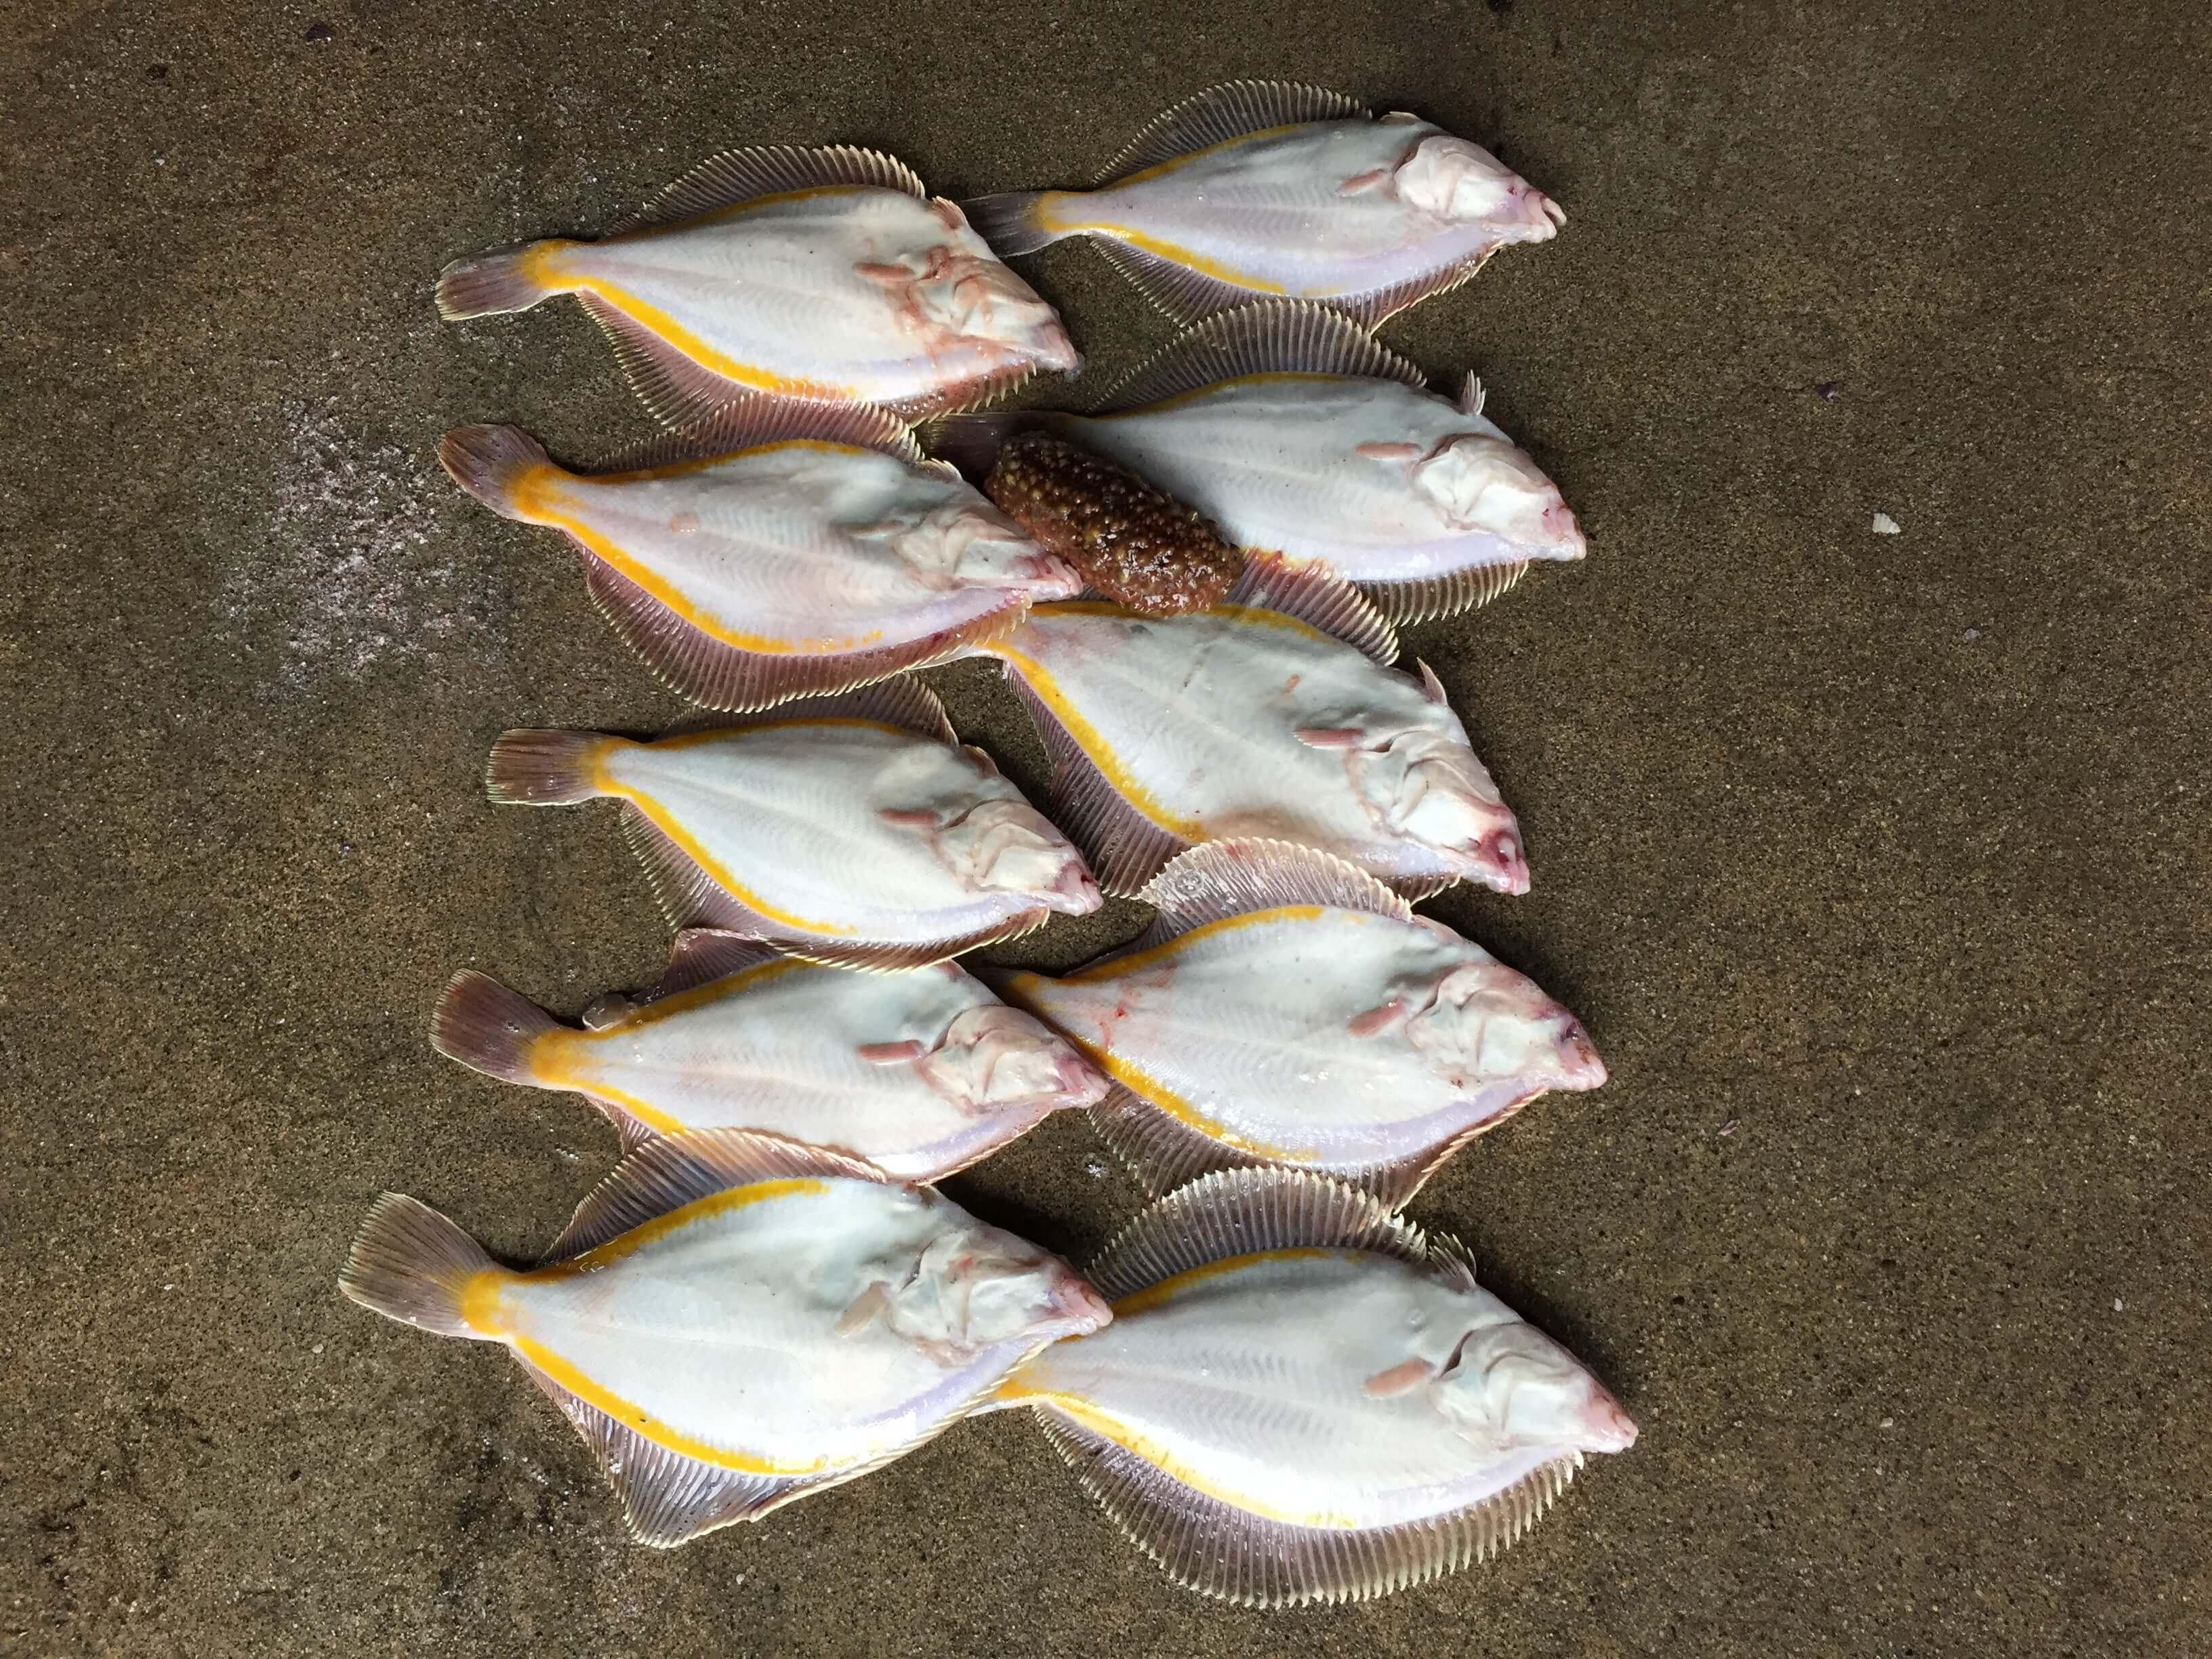 噴火湾 カレイ釣り11月釣果情報!八雲町の黒岩漁港!